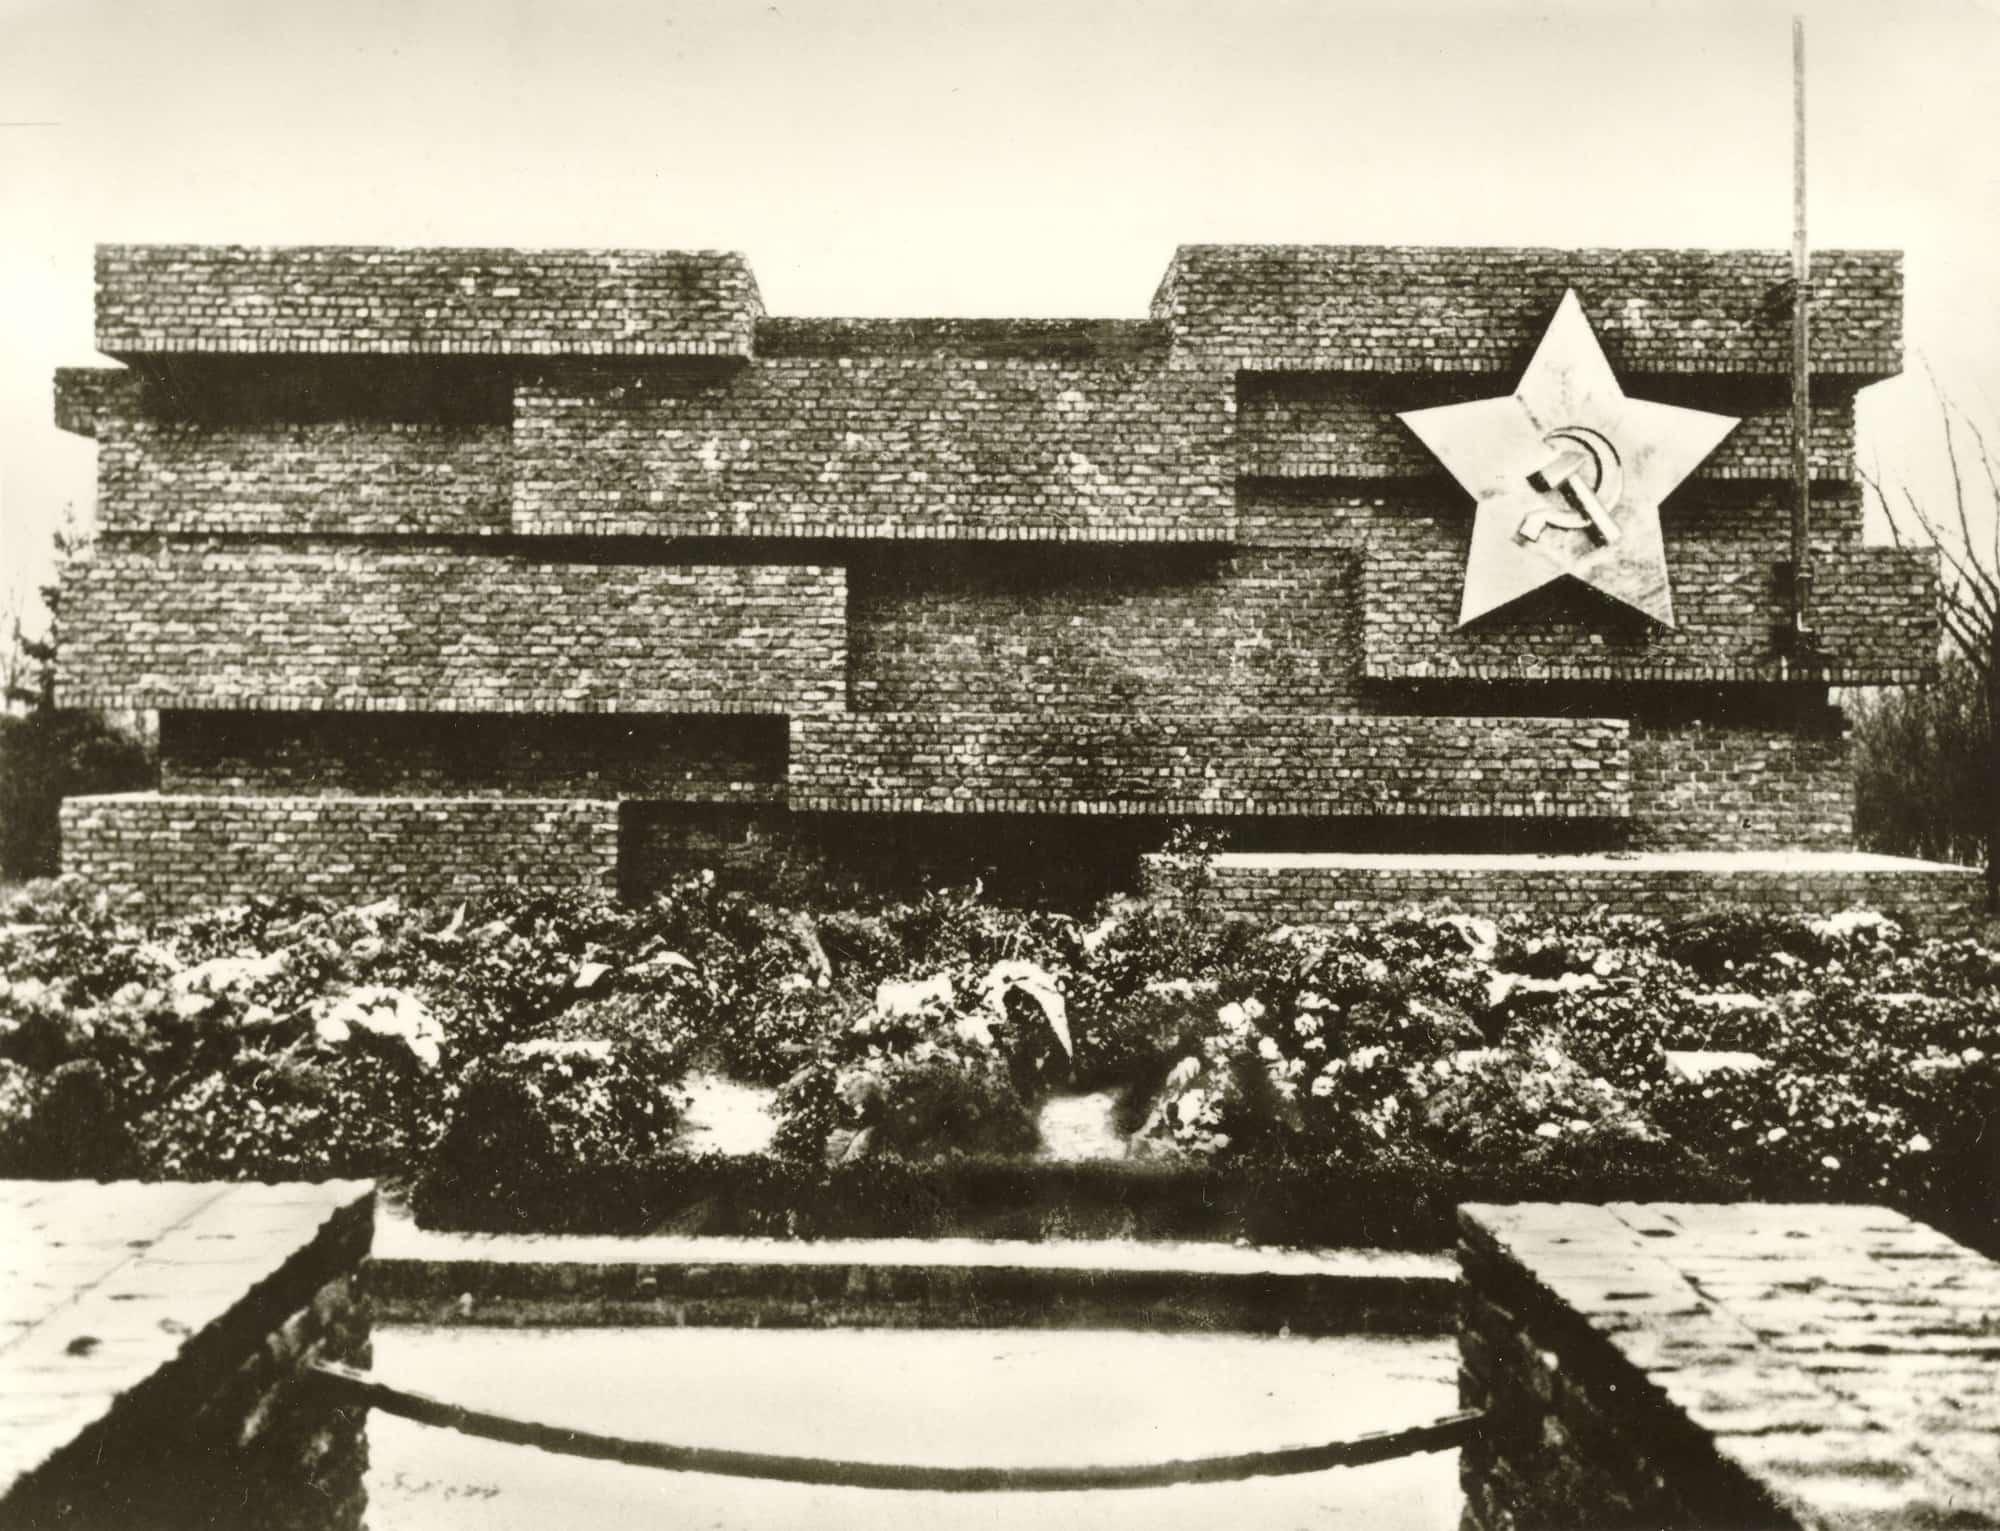 © Revolutionsdenkmal auf dem Zentralfriedhof Friedrichsfelde. Bauhaus-Archiv.